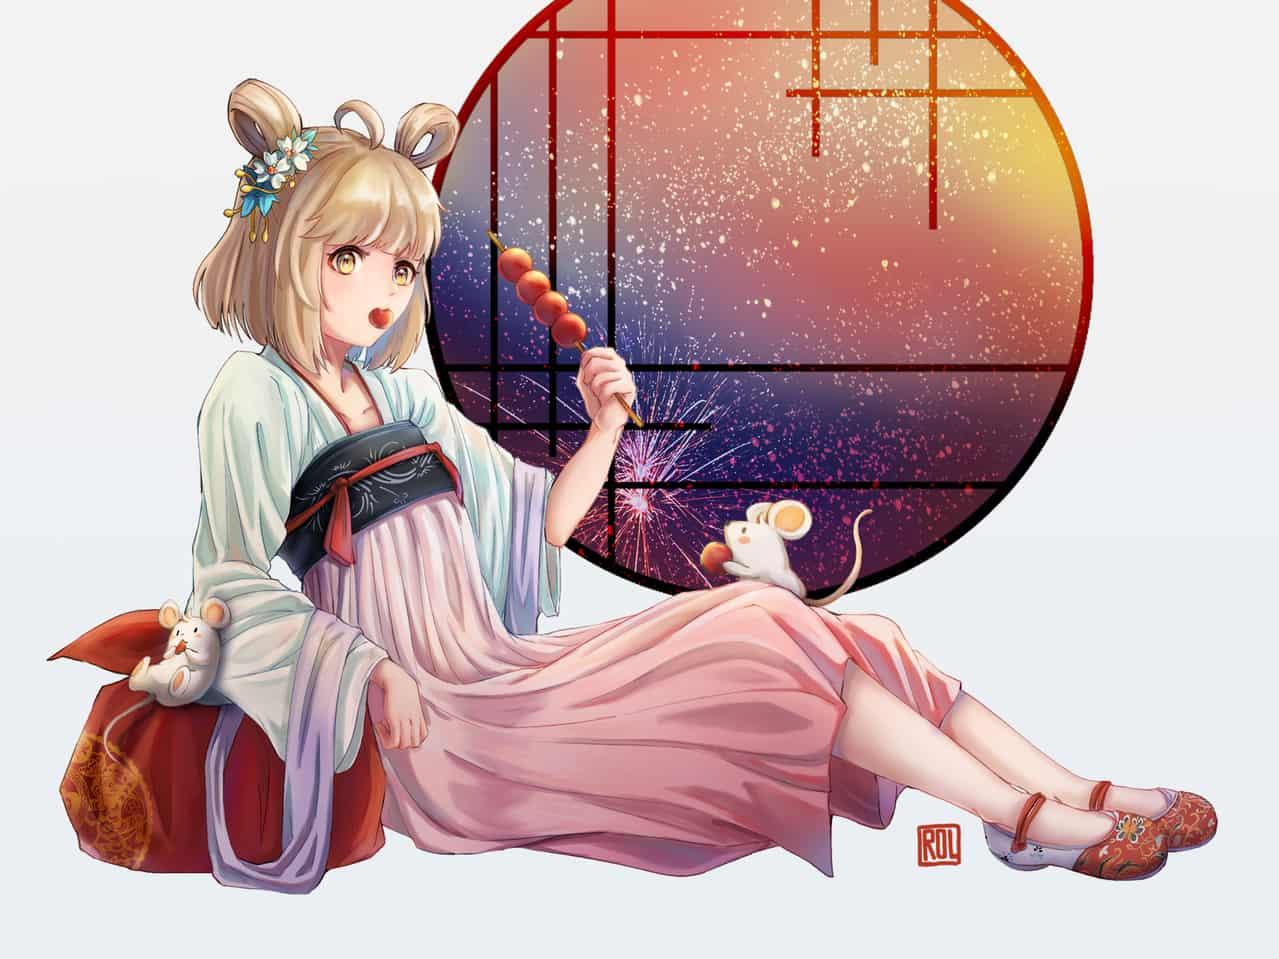 迎春 Illust of Rol洛狸 Jan.2020Contest girl 鼠年 newyear